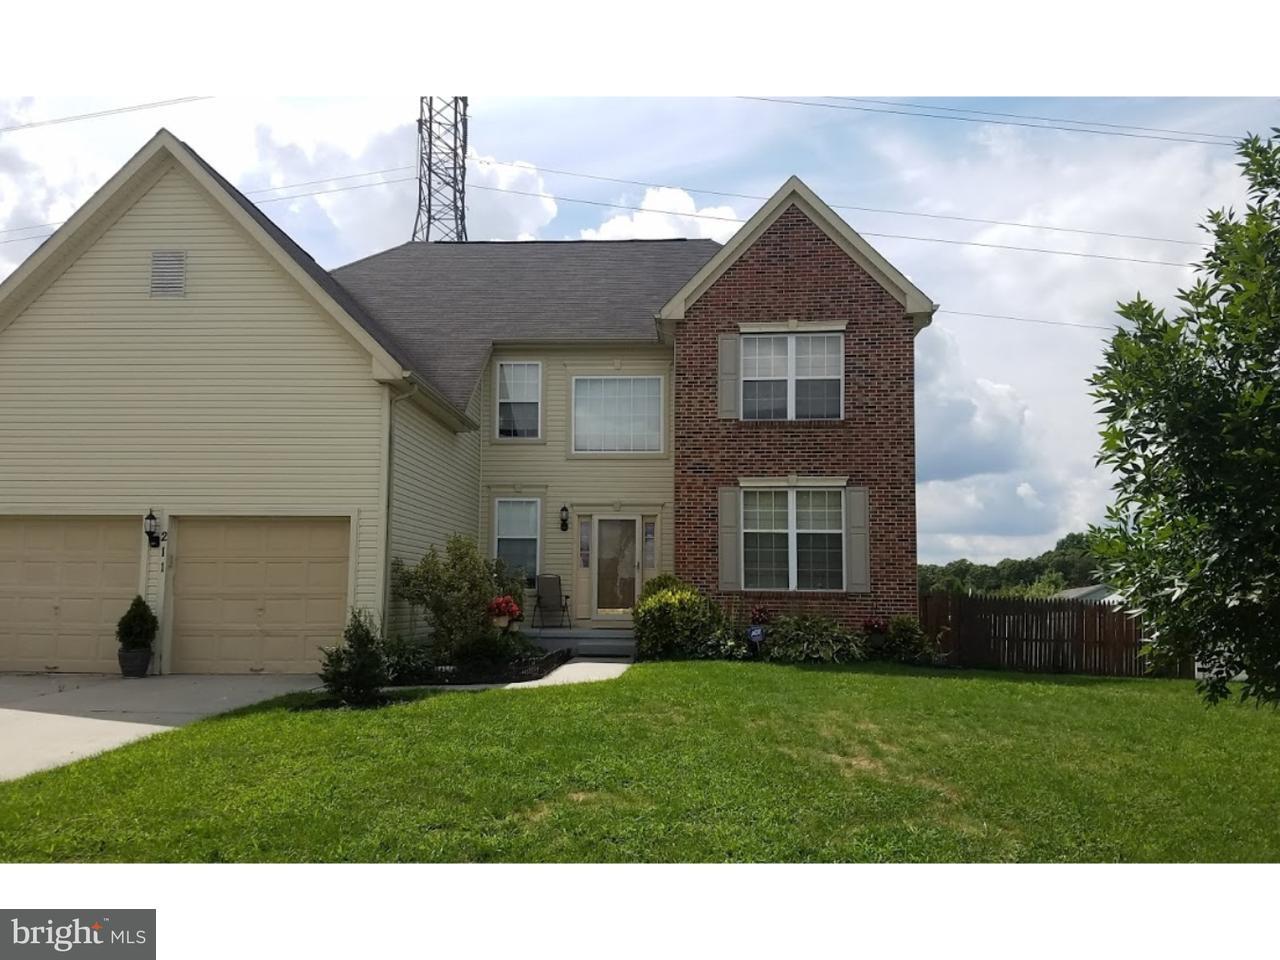 独户住宅 为 销售 在 211 STOCKTON BLVD Berlin Boro, 新泽西州 08009 美国